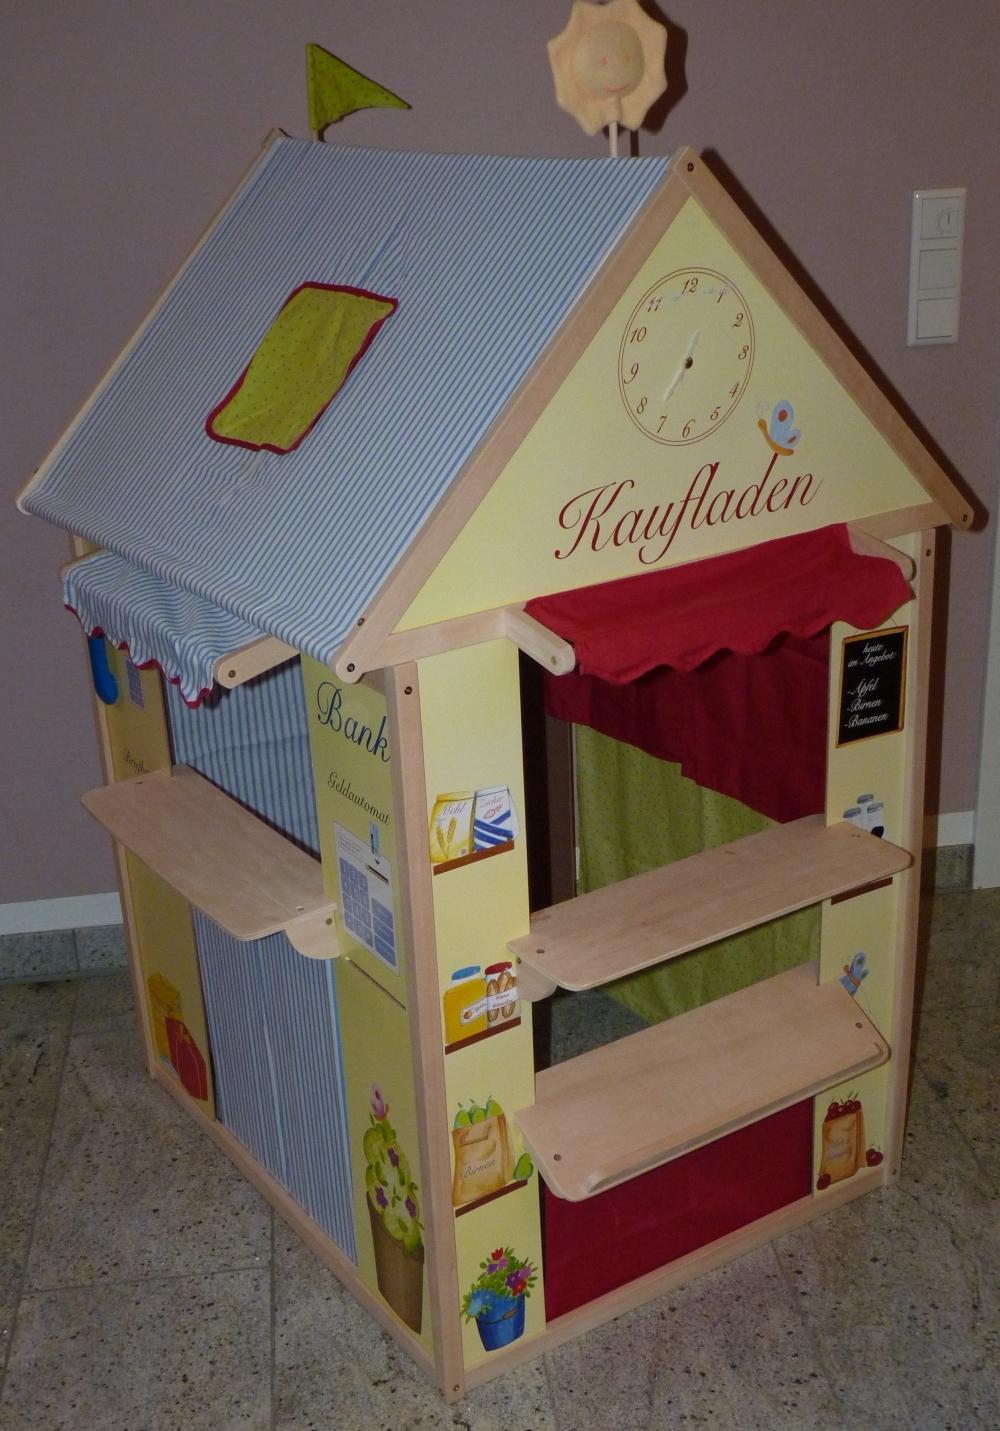 Kaufladen Holz Puppentheater ~ Copyright © 1995 2016 eBay Inc Alle Rechte vorbehalten eBay AGB